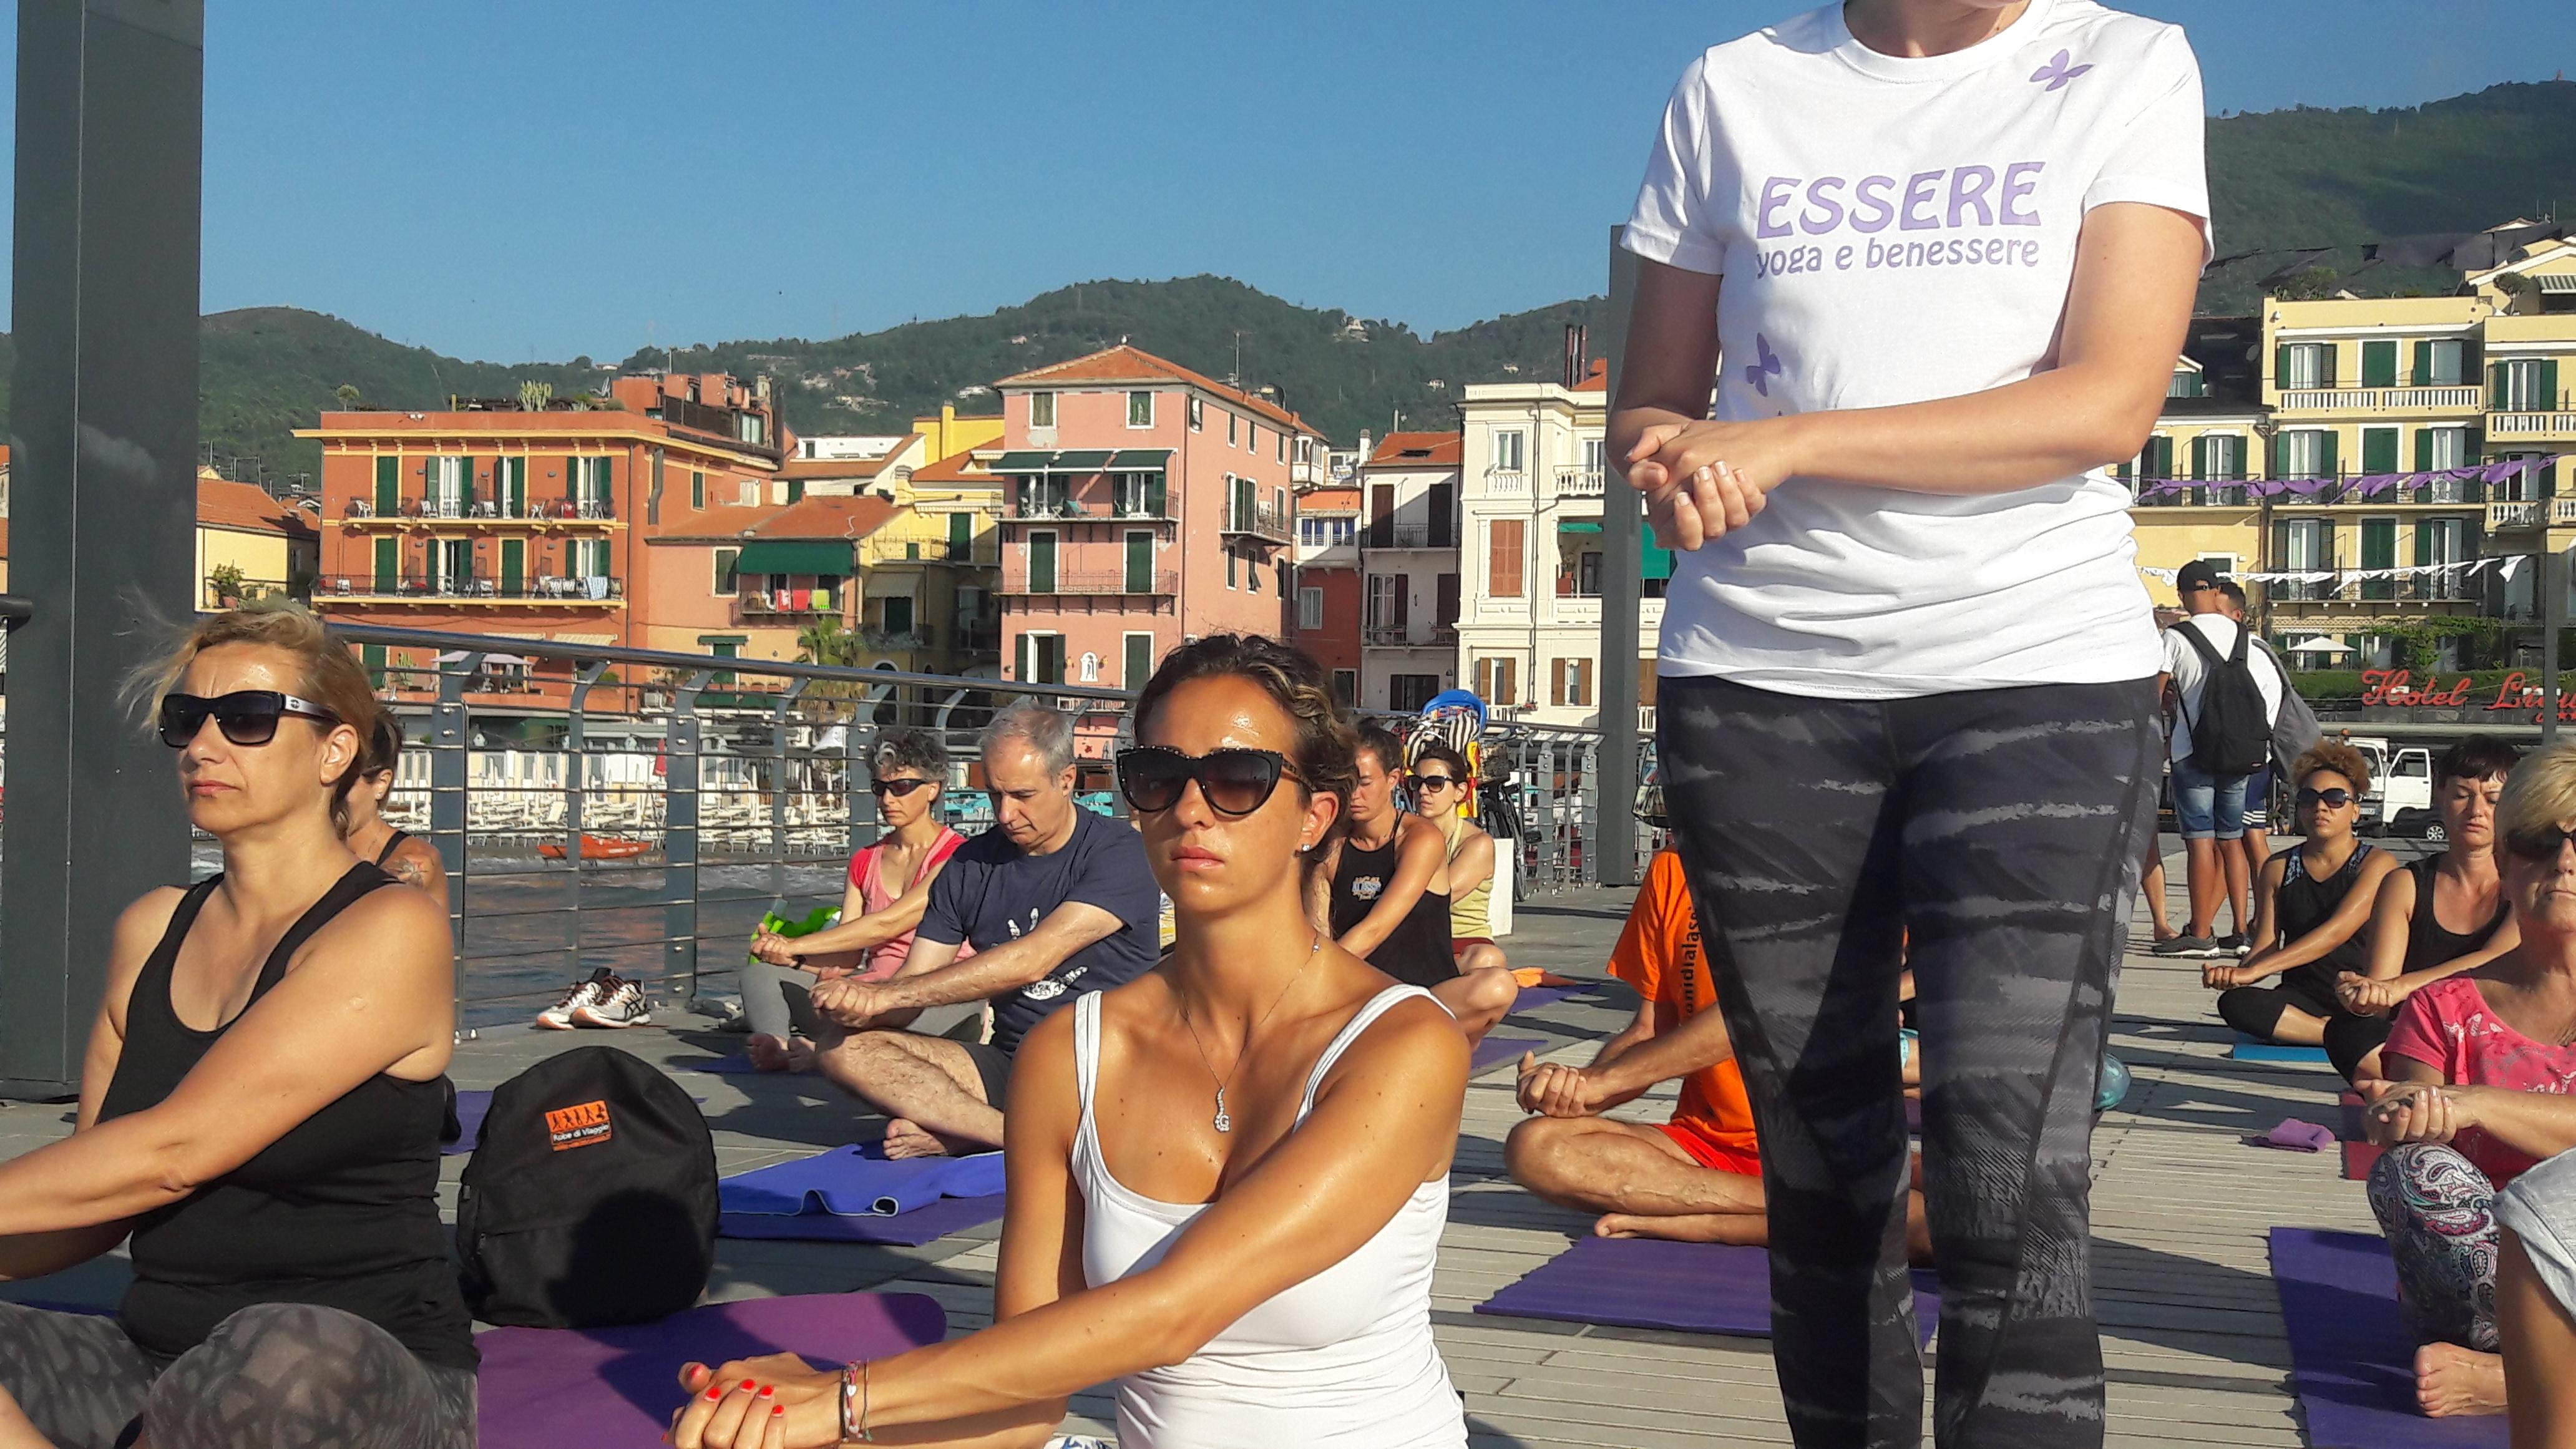 1_essere-free-yoga-gratuito-benessere-per-tutti-village-citta-alassio-estate-lucia-ragazzi-summer-town-wellness-044